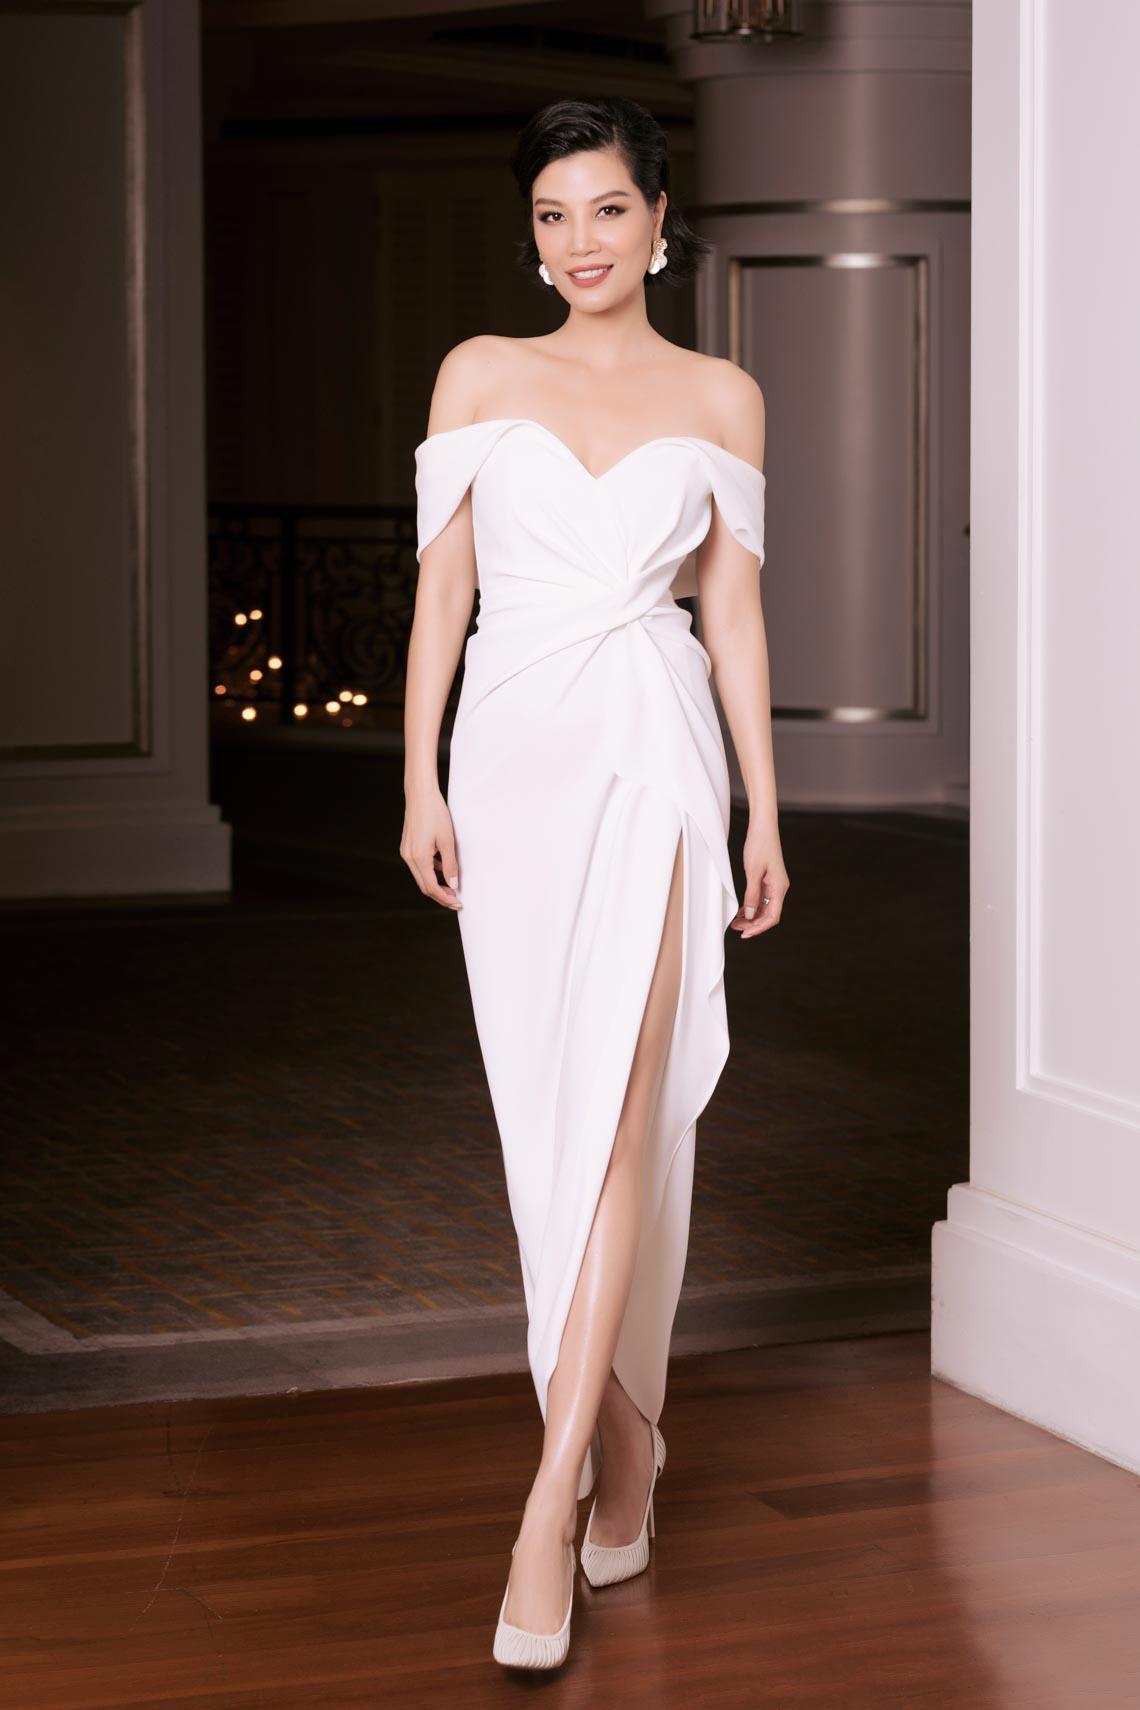 Dàn mỹ nhân diện trang phục trắng tinh khôi của NTK Đỗ Mạnh Cường - 7